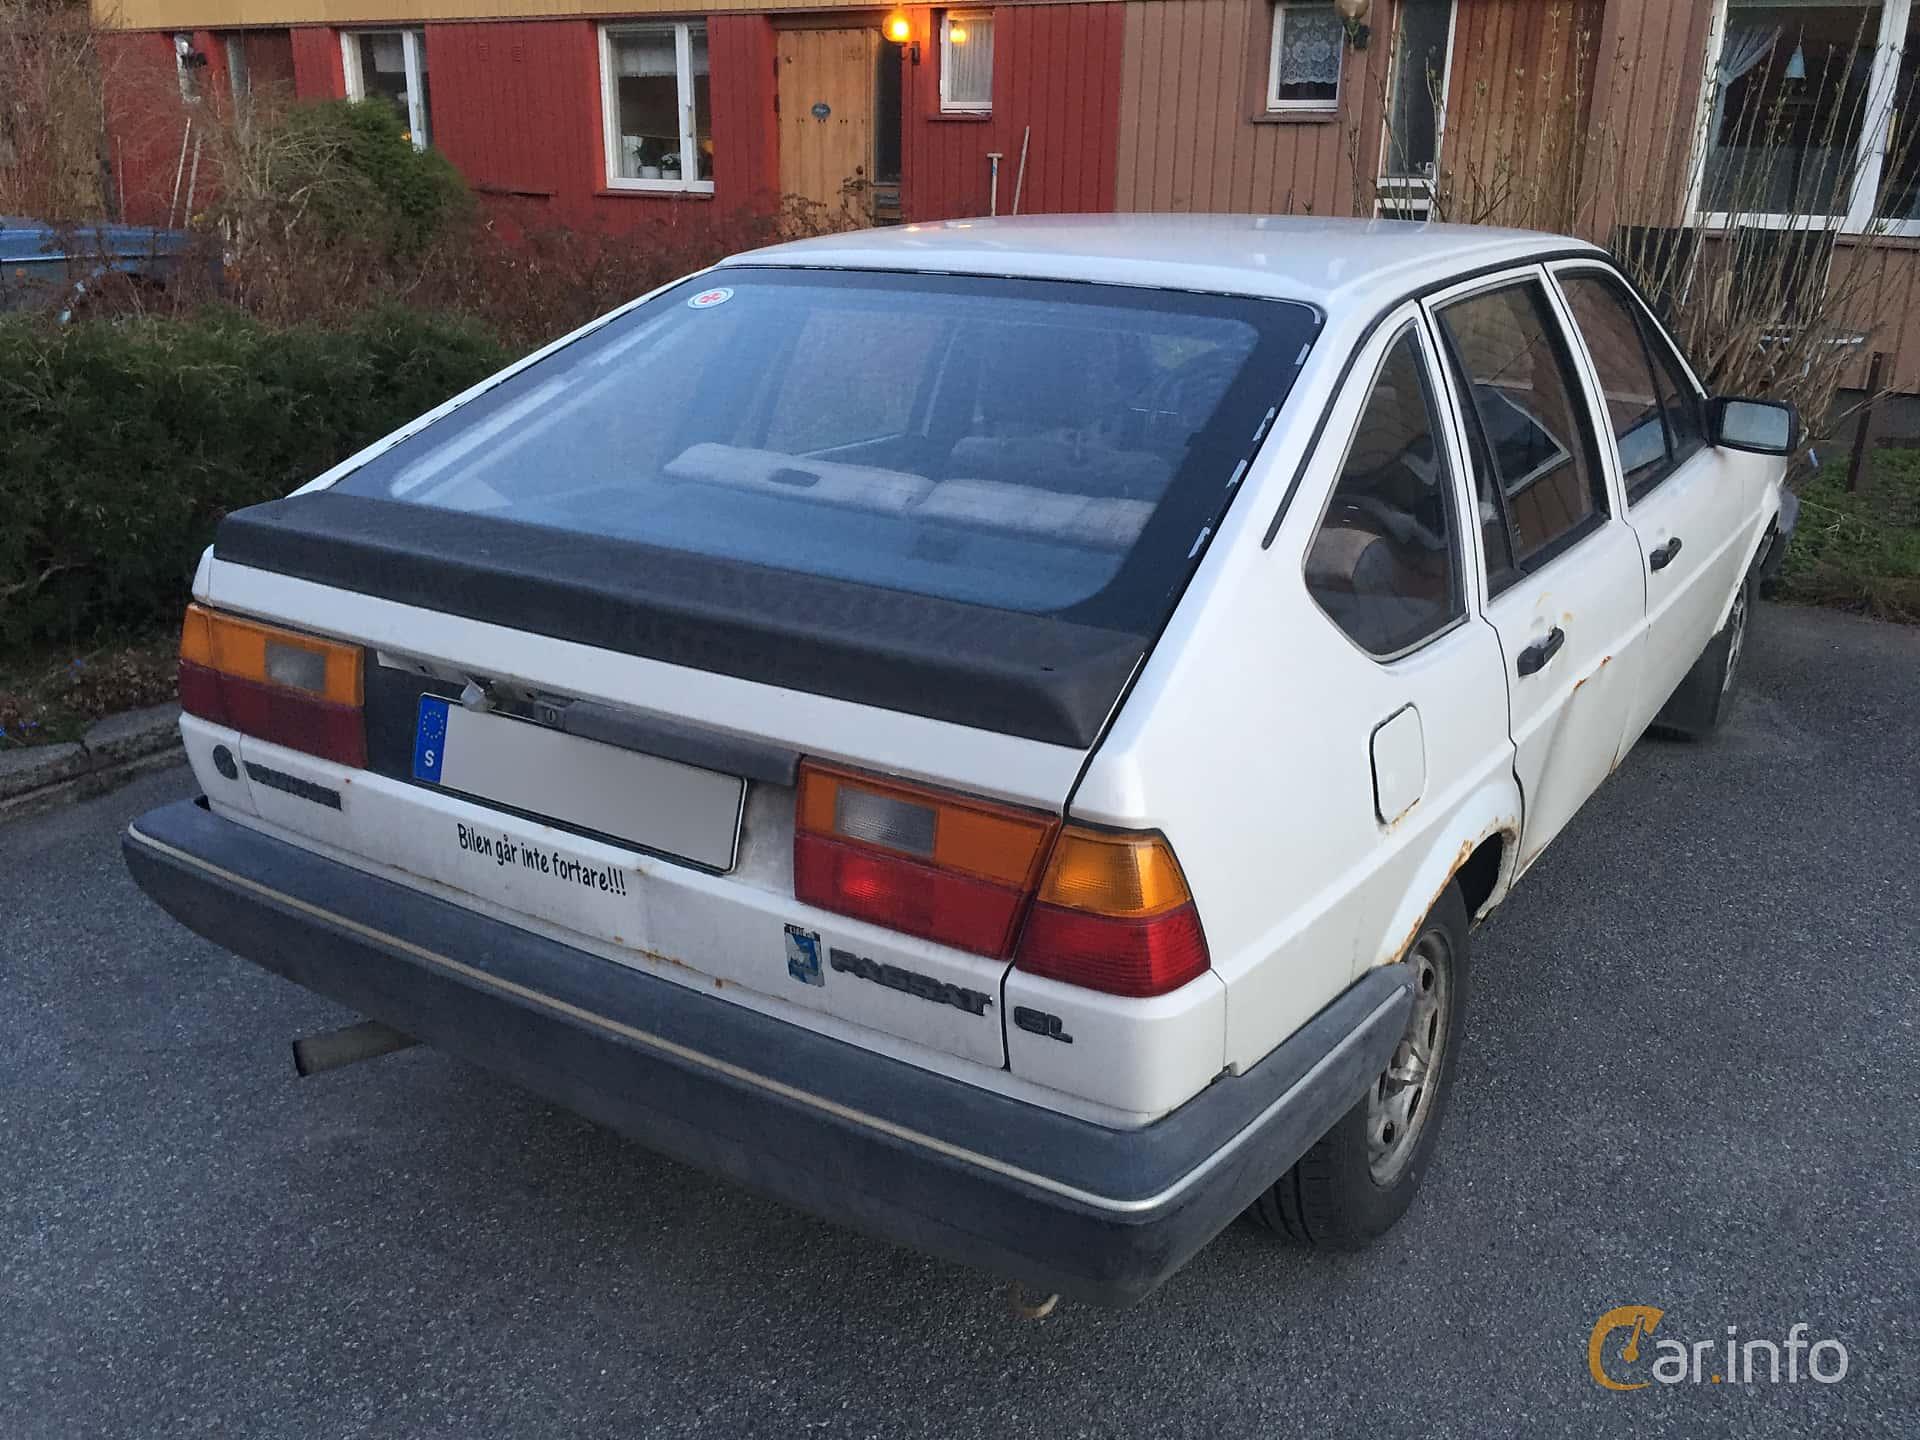 Back/Side of Volkswagen Passat 5-door 1.8 Manual, 90ps, 1985